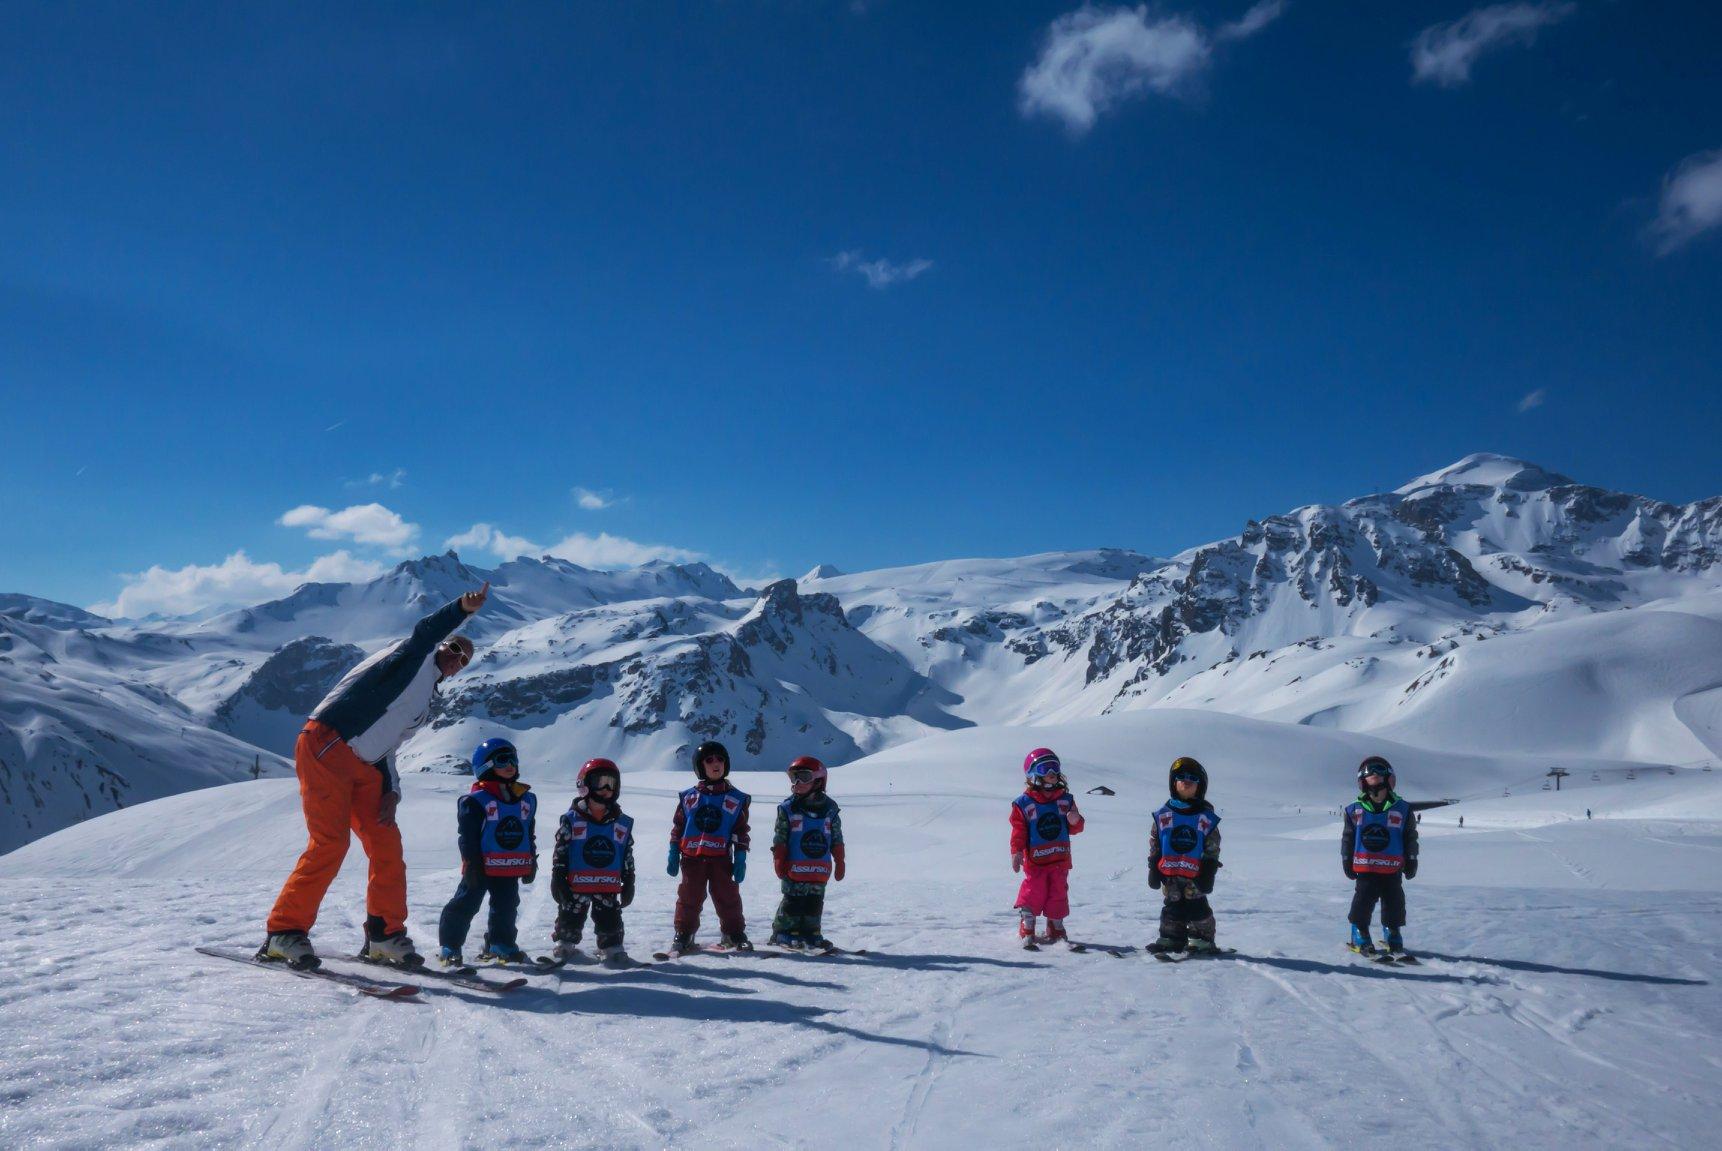 Evolution 2 Tignes, Tognes, Ski Resort, Skipodium, French Alps, SKi, Snowboard